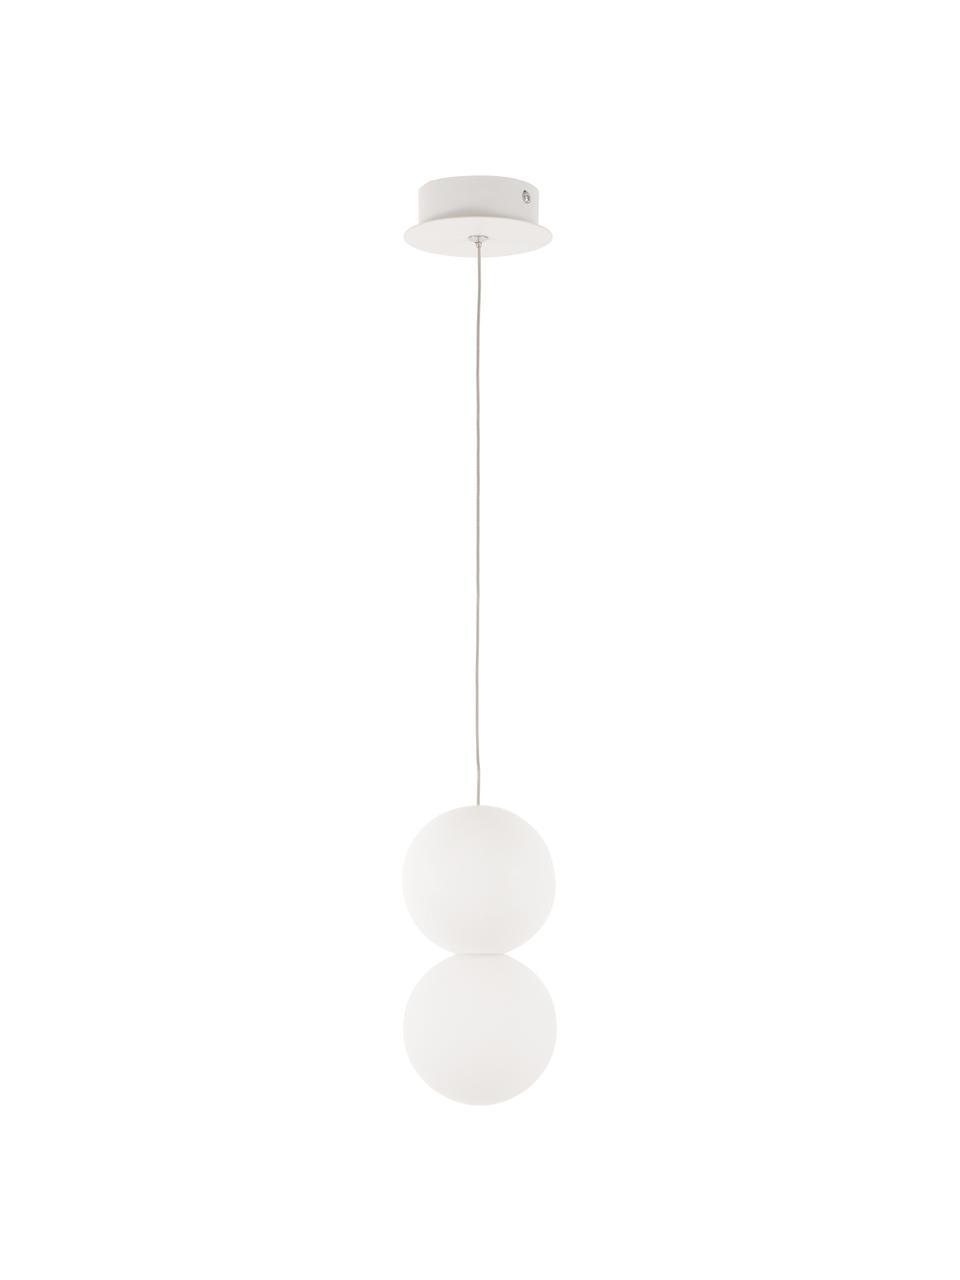 Malé závěsné svítidlo z opálového skla Zero, Bílá